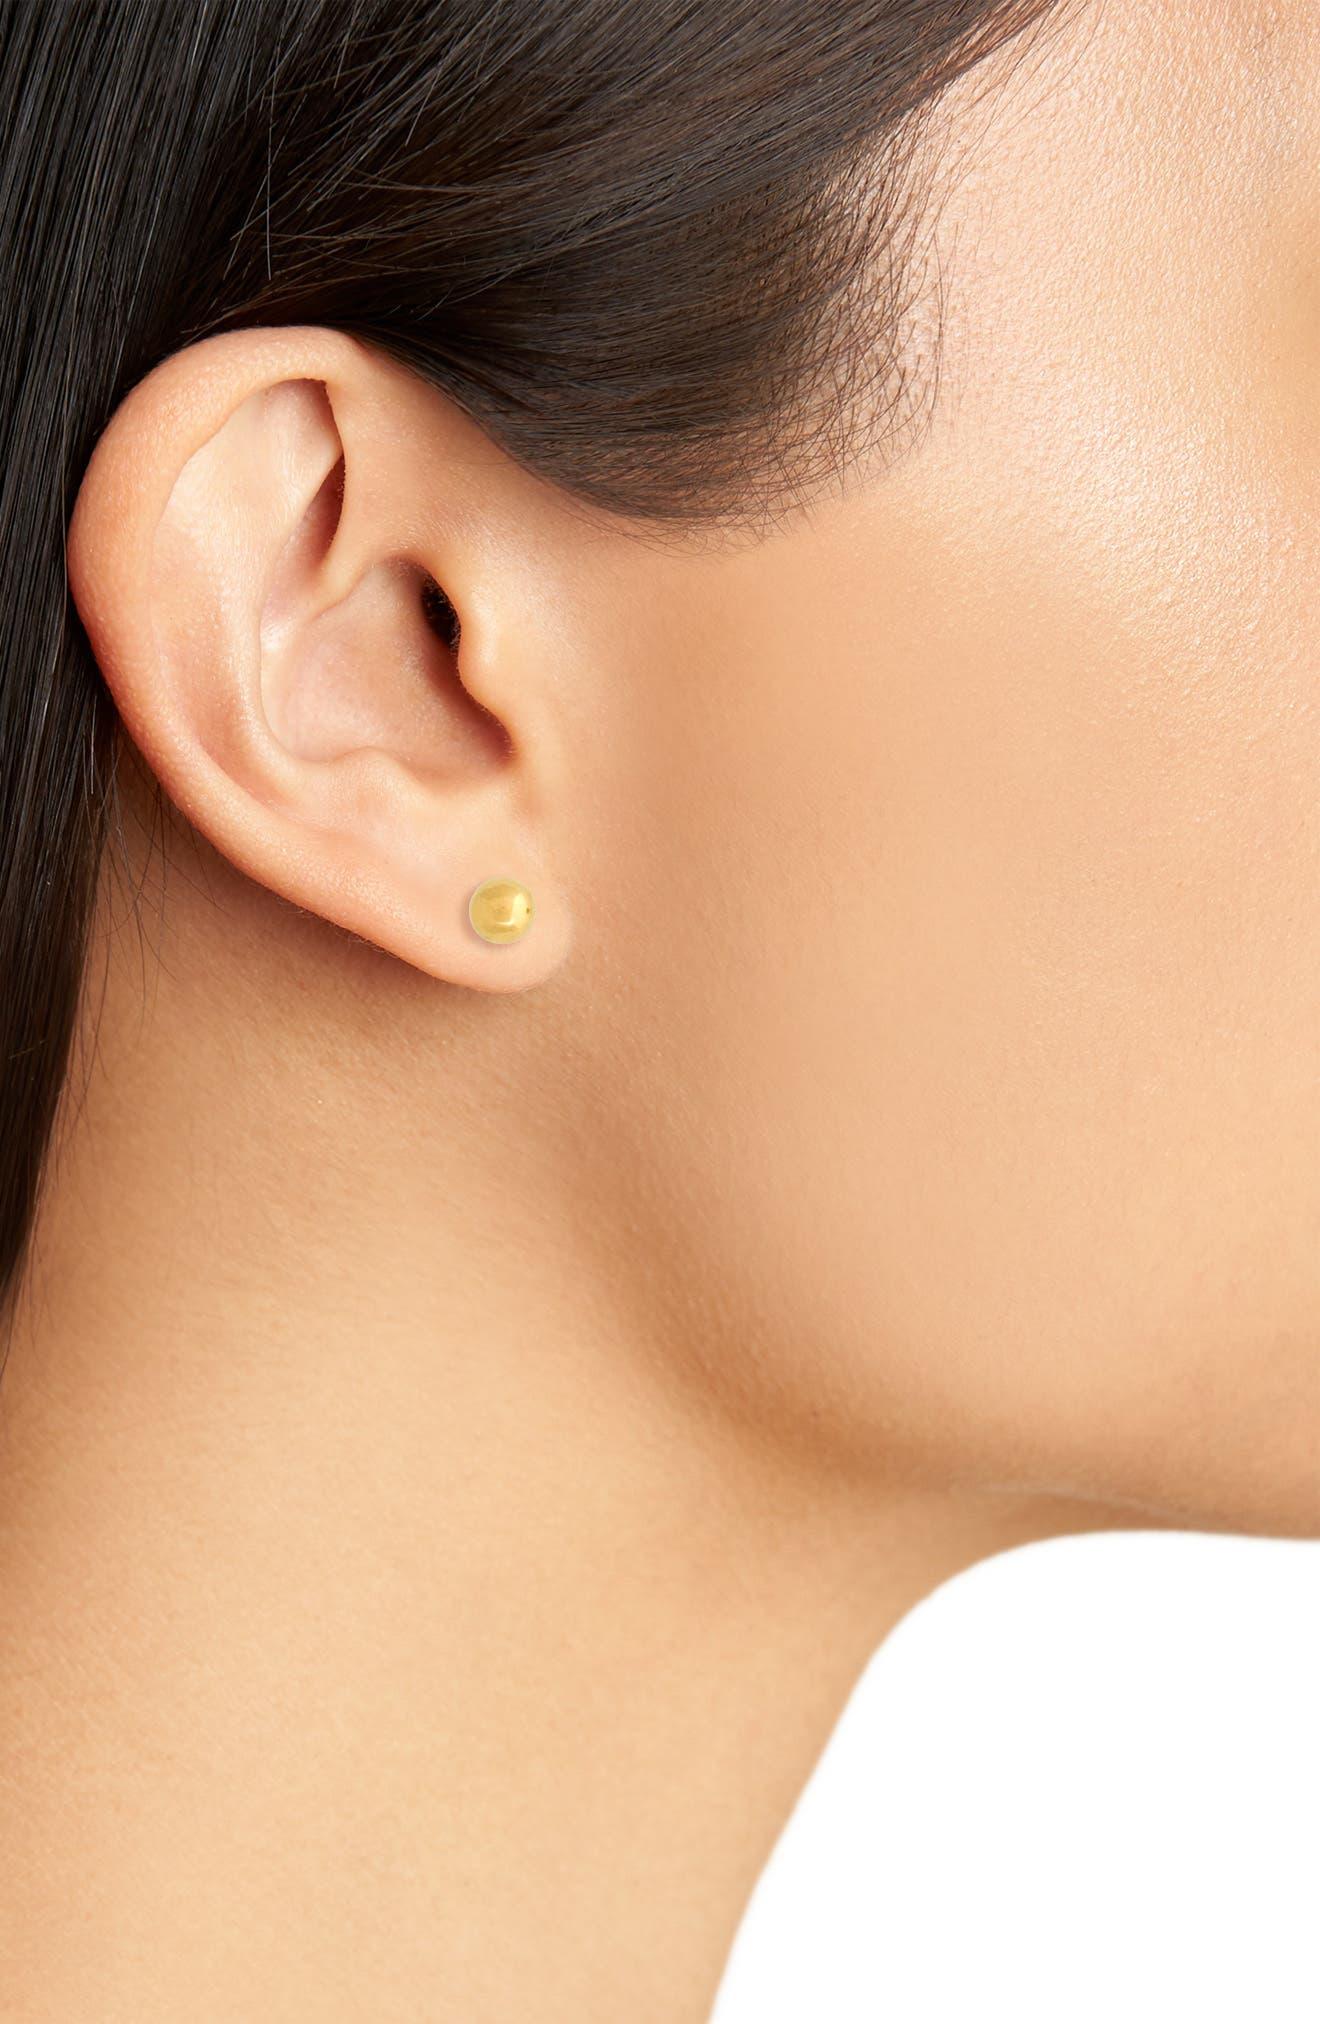 Kardee Kids 14k Gold Ball Earrings,                             Alternate thumbnail 2, color,                             GOLD